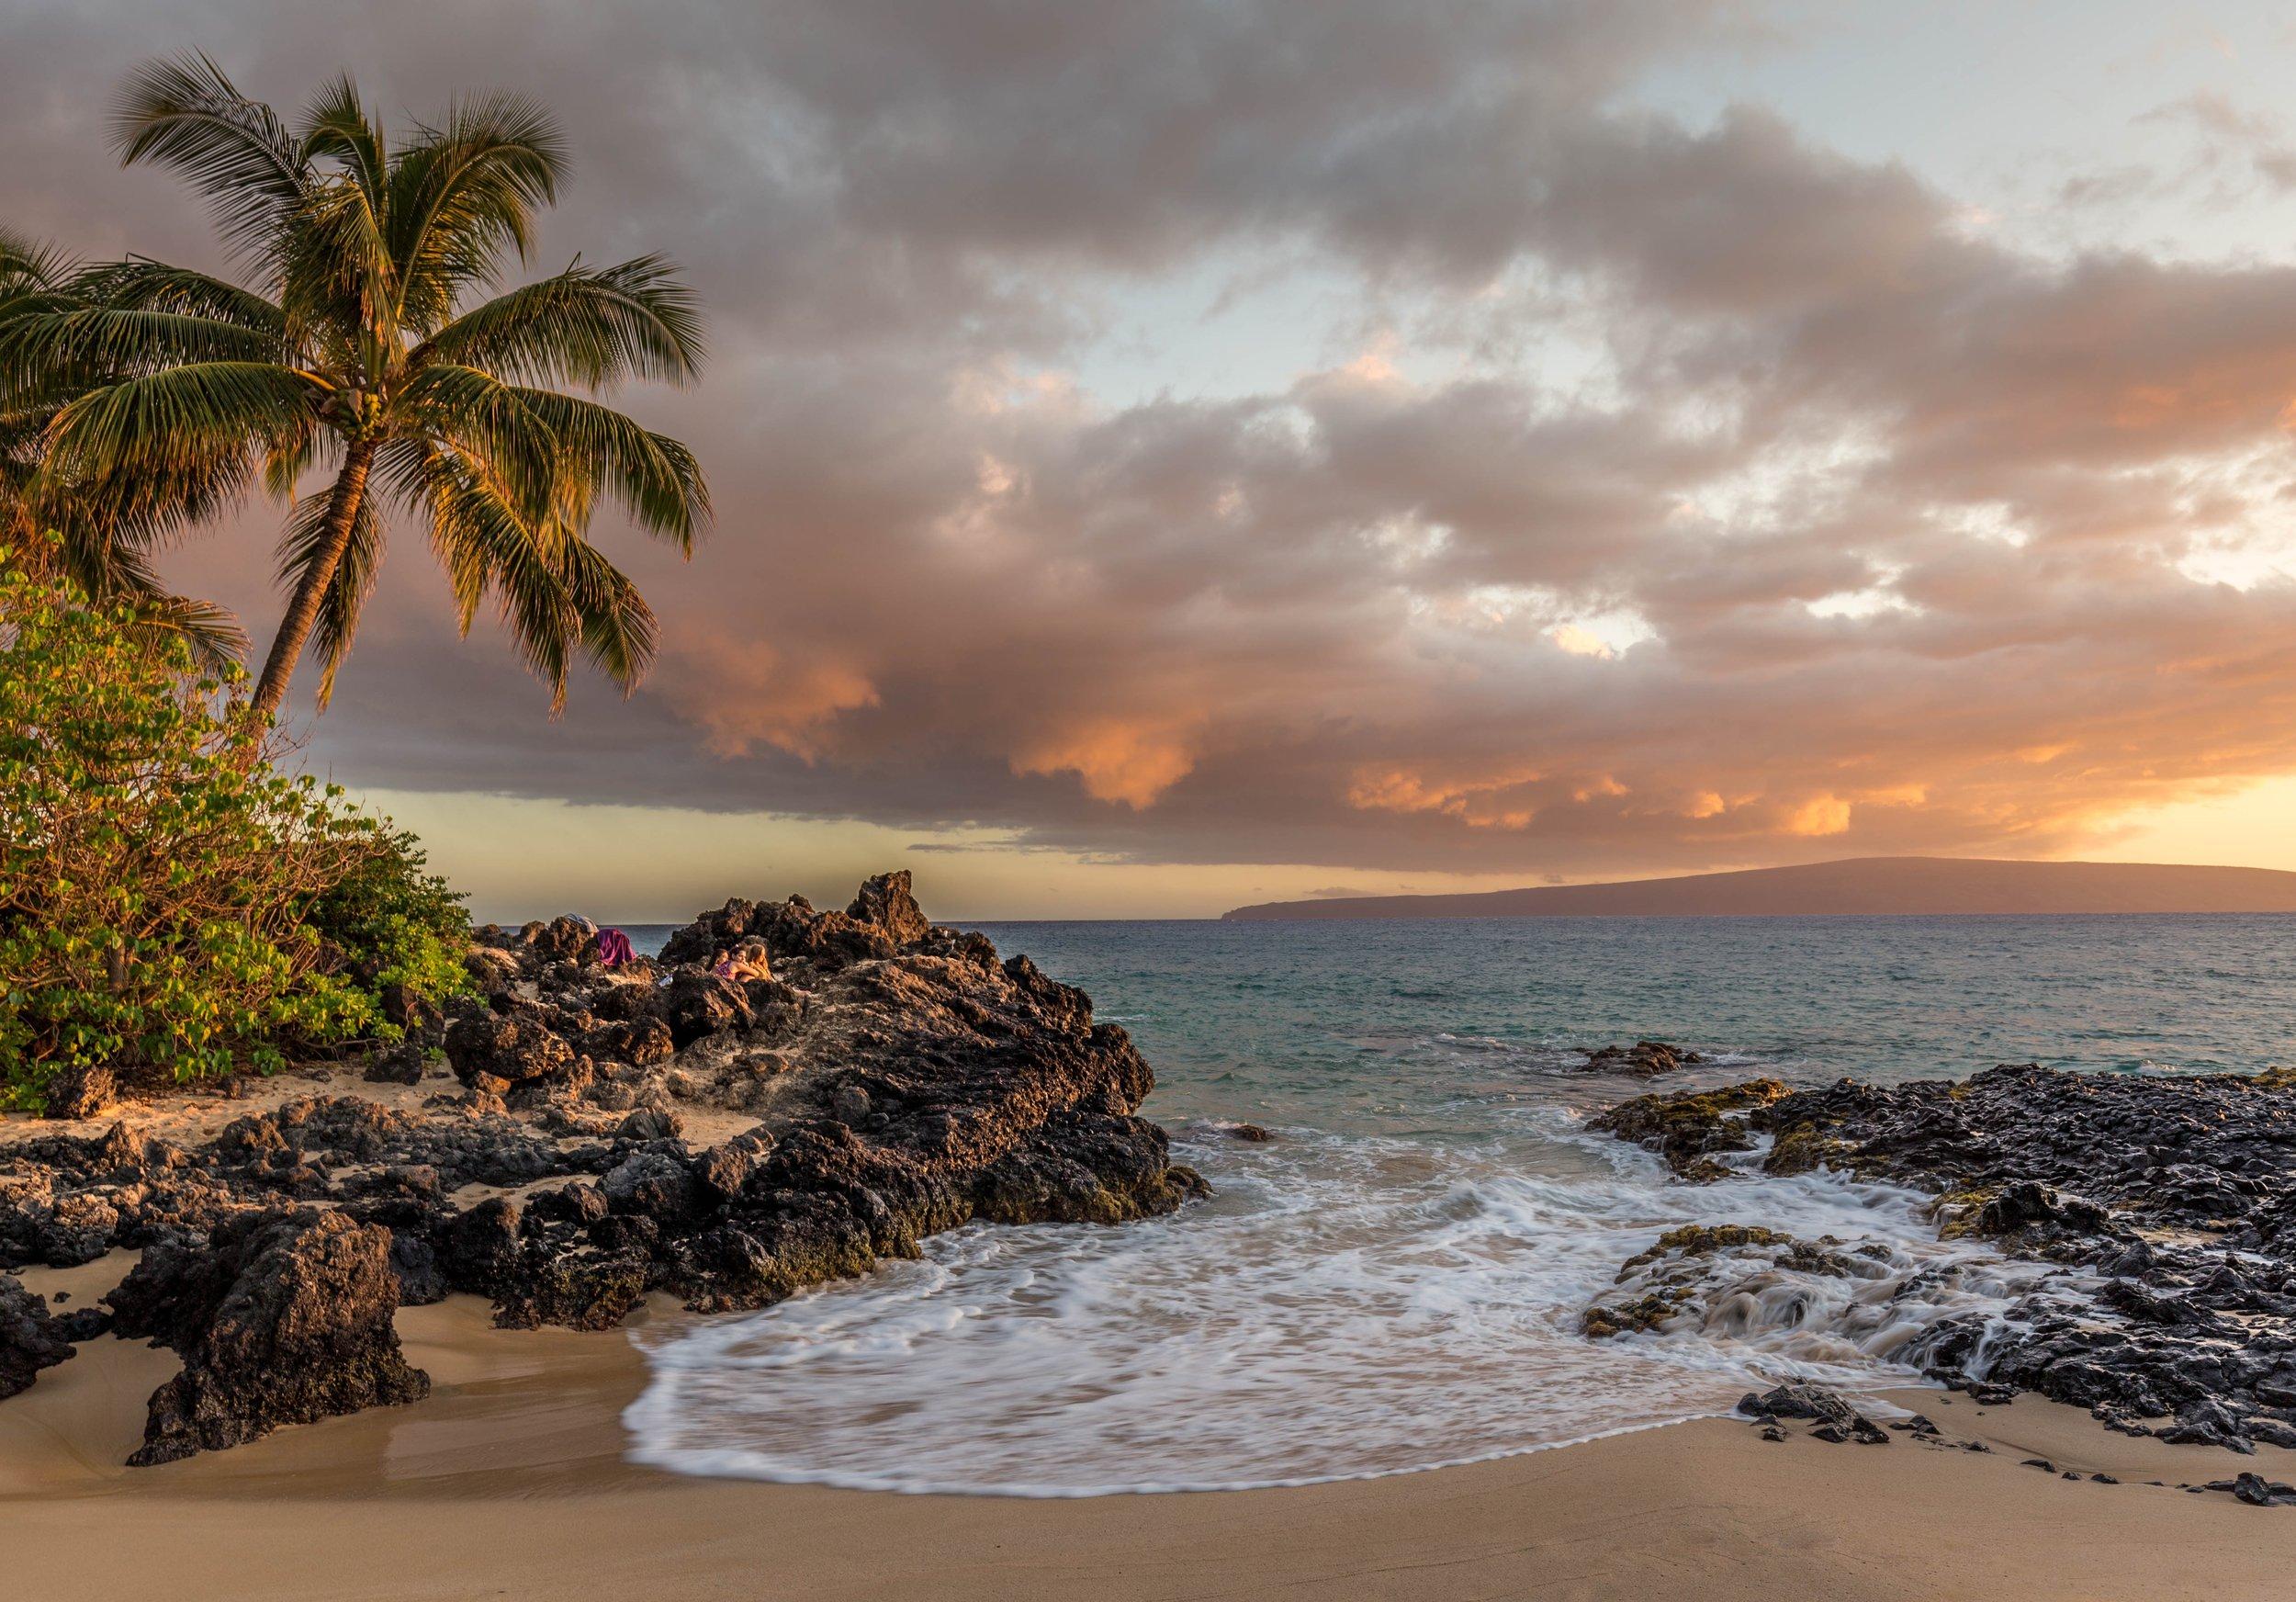 Kihei, Maui County, Hawaii